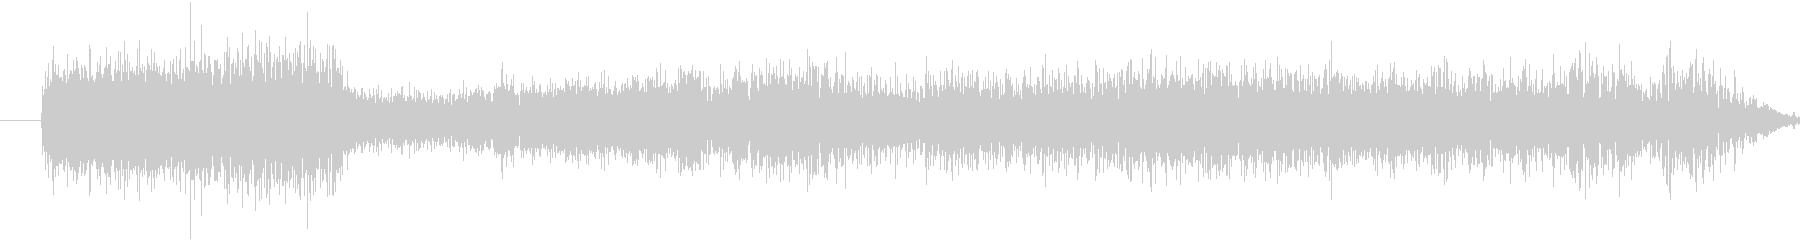 ラジオスキャンレーザーパニングウーシュの未再生の波形